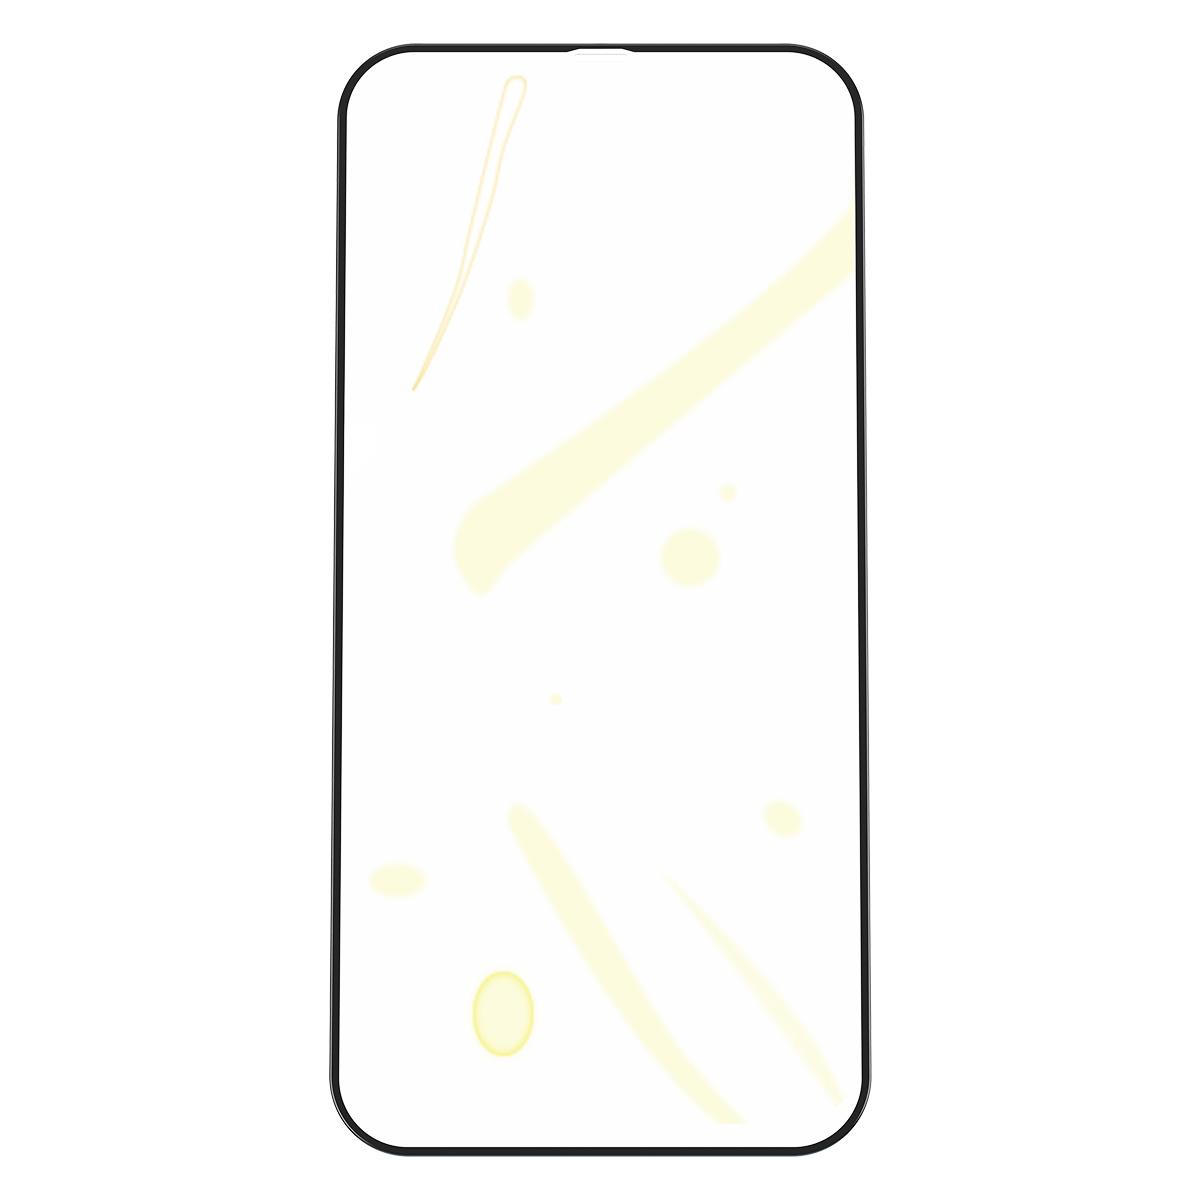 Baseus skärmskydd i härdat glas till iPhone 12/12 Pro, 2-pack